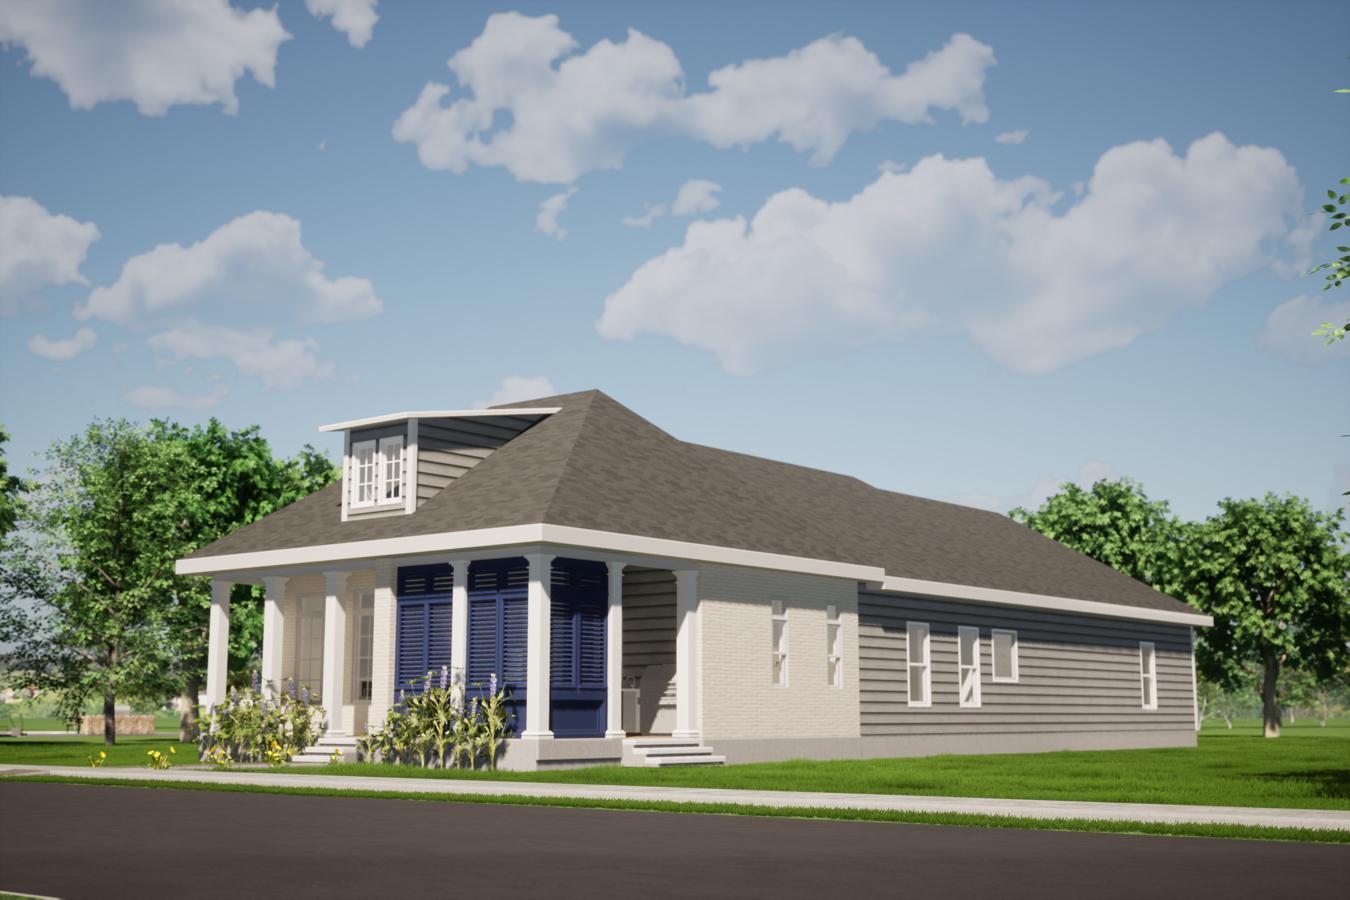 Florida Style House - Custom House Design